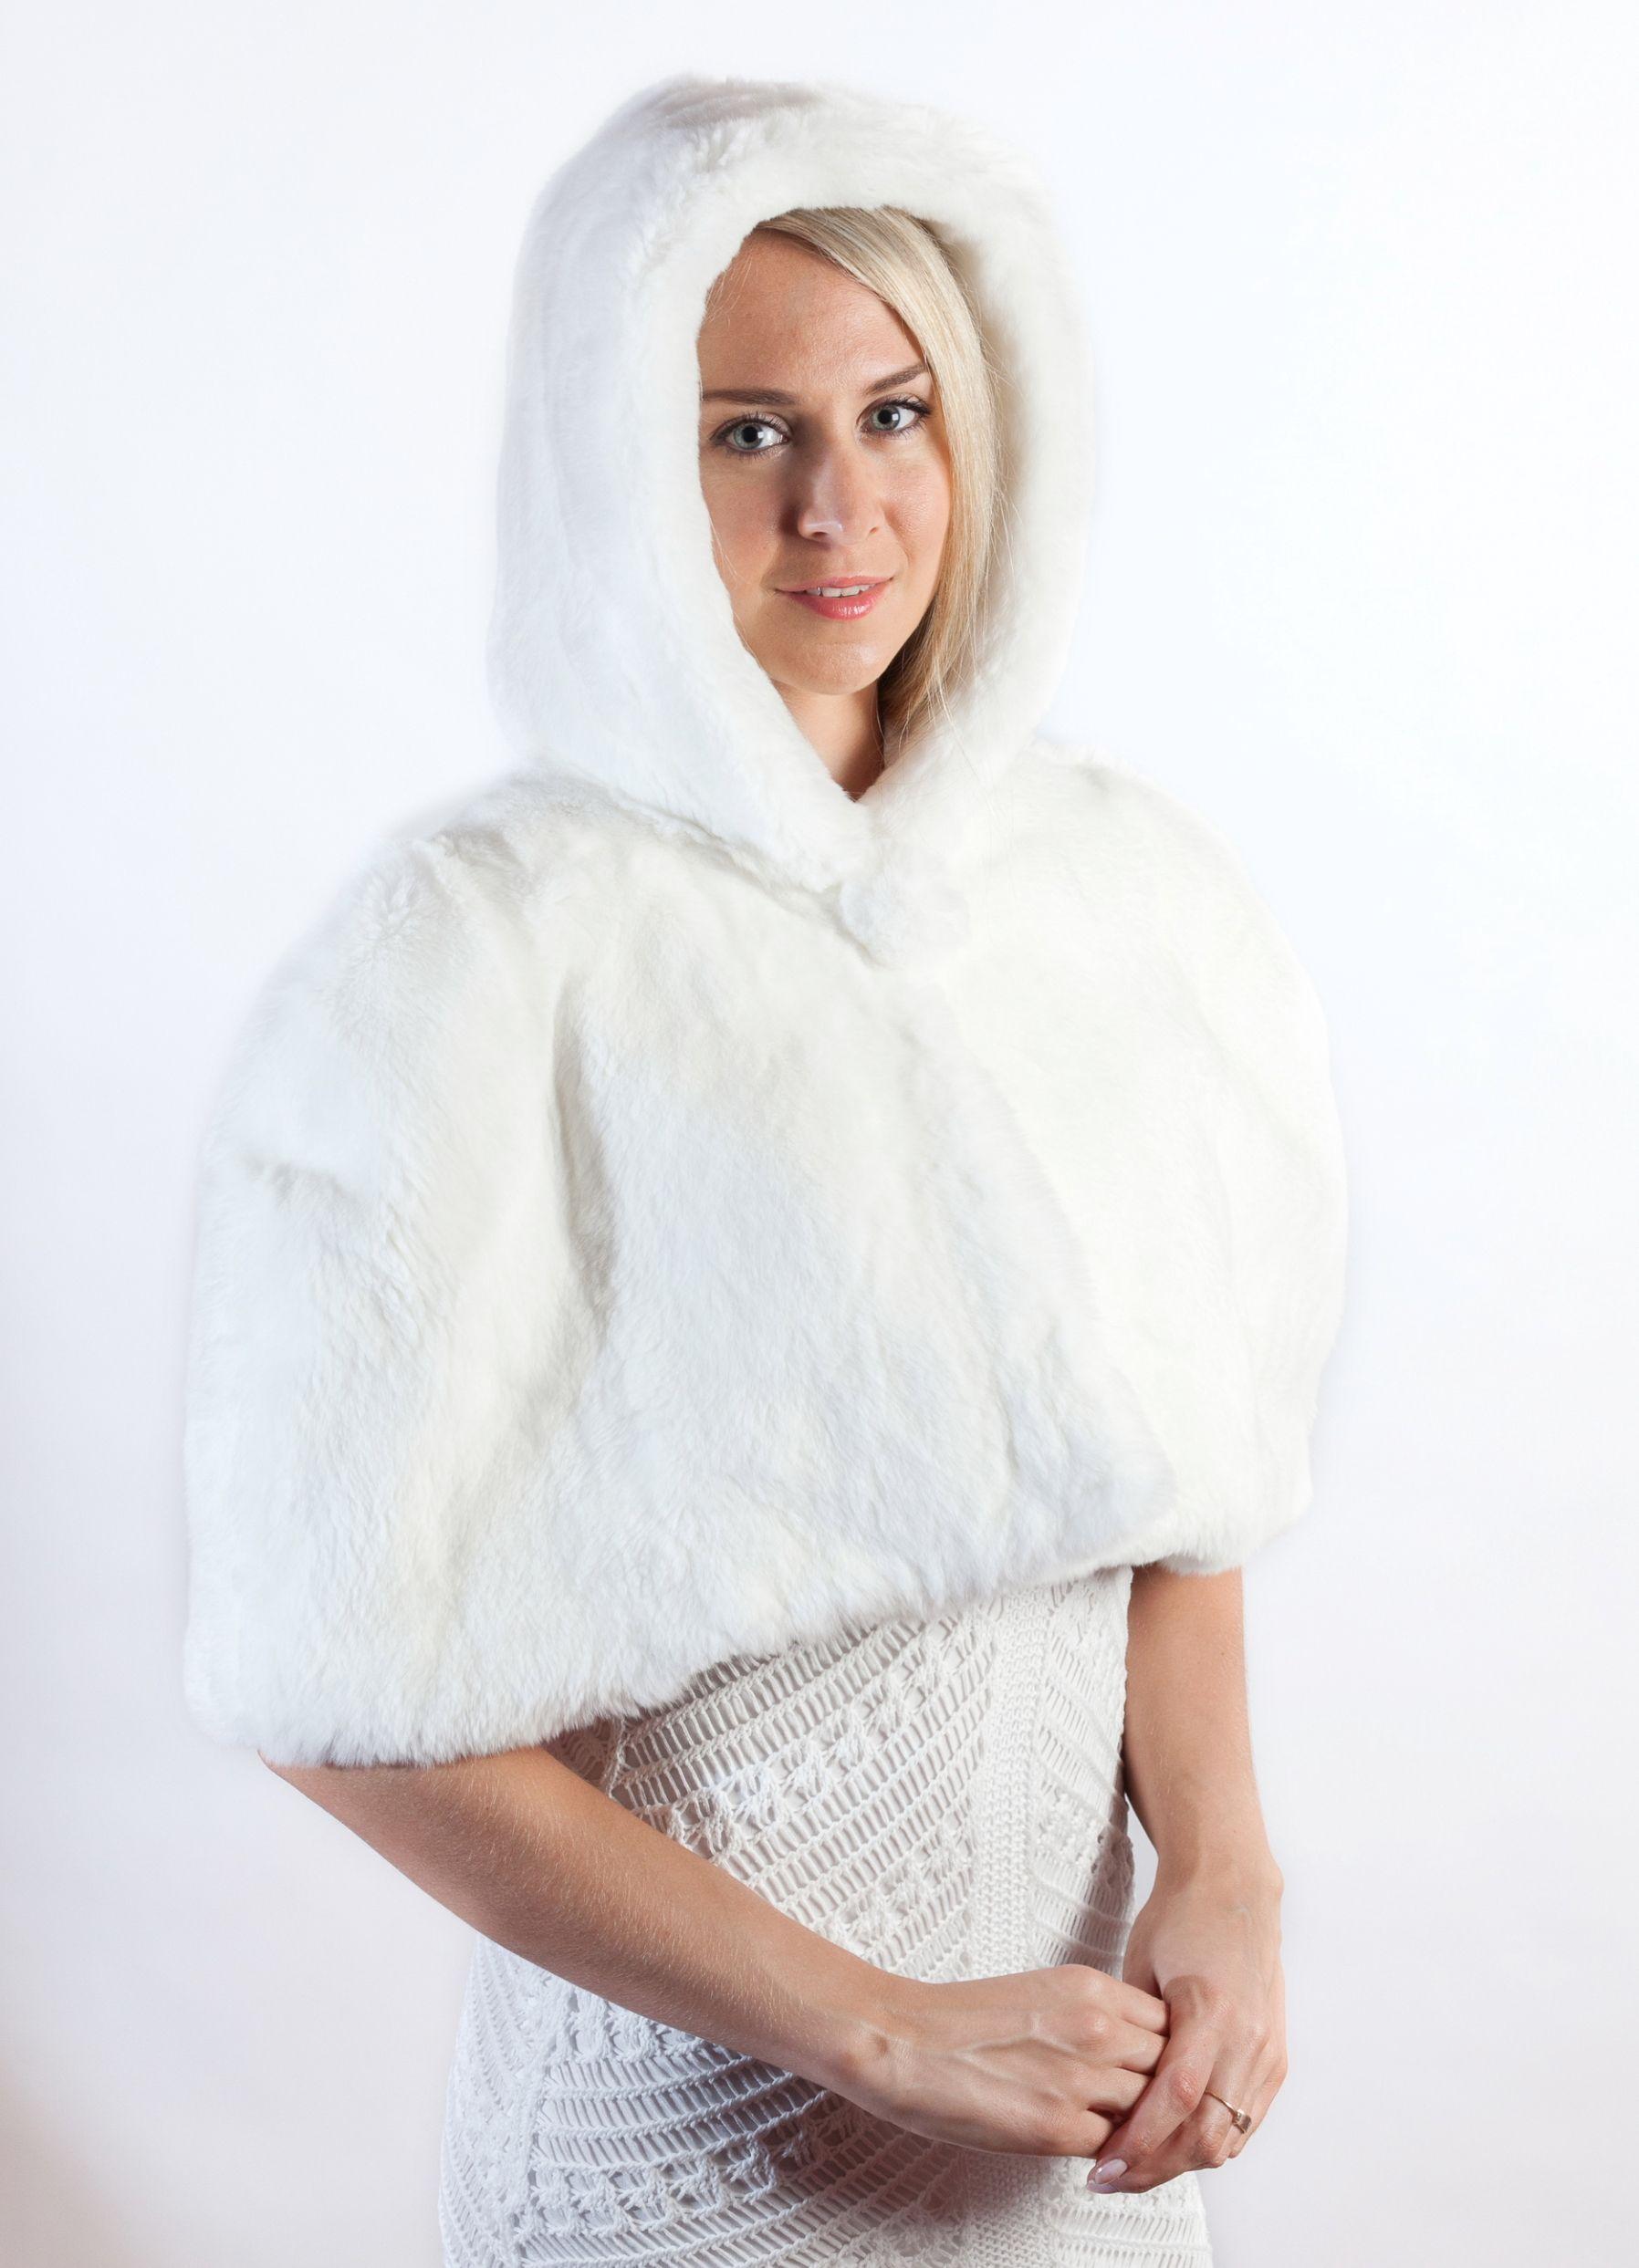 competitive price ac1a5 2c1cd Elegante coprispalle in pelliccia in soffice rex bianco ...